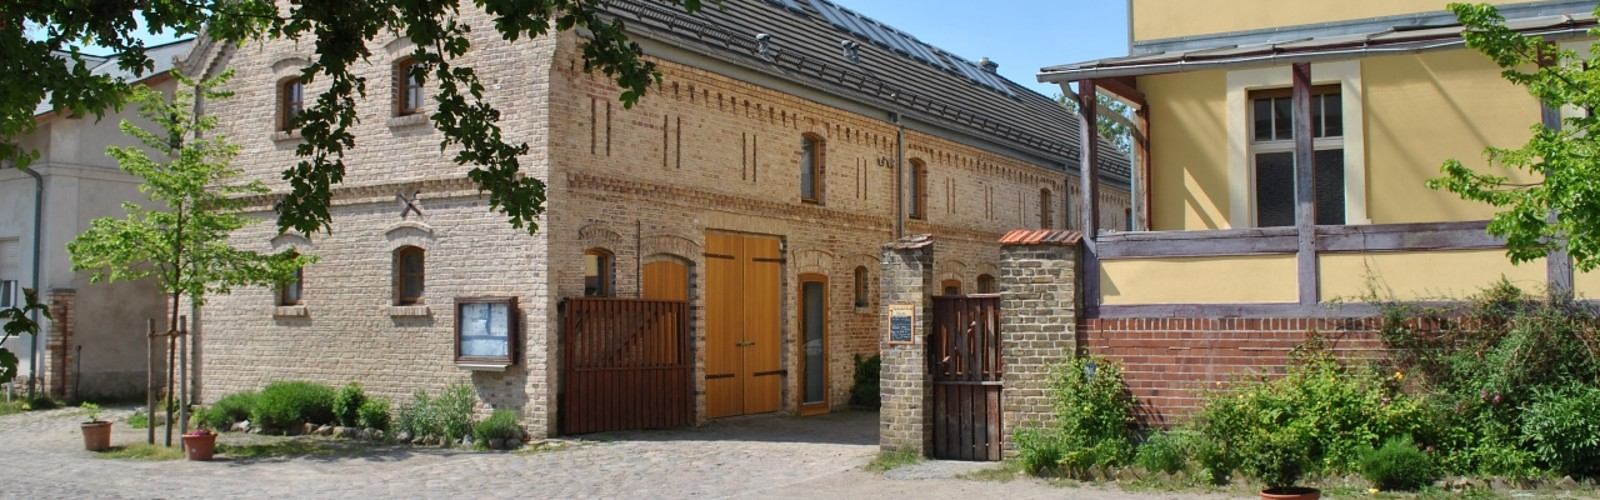 Straßenansicht des Storchenhofes, Foto: Storchenhof Paretz